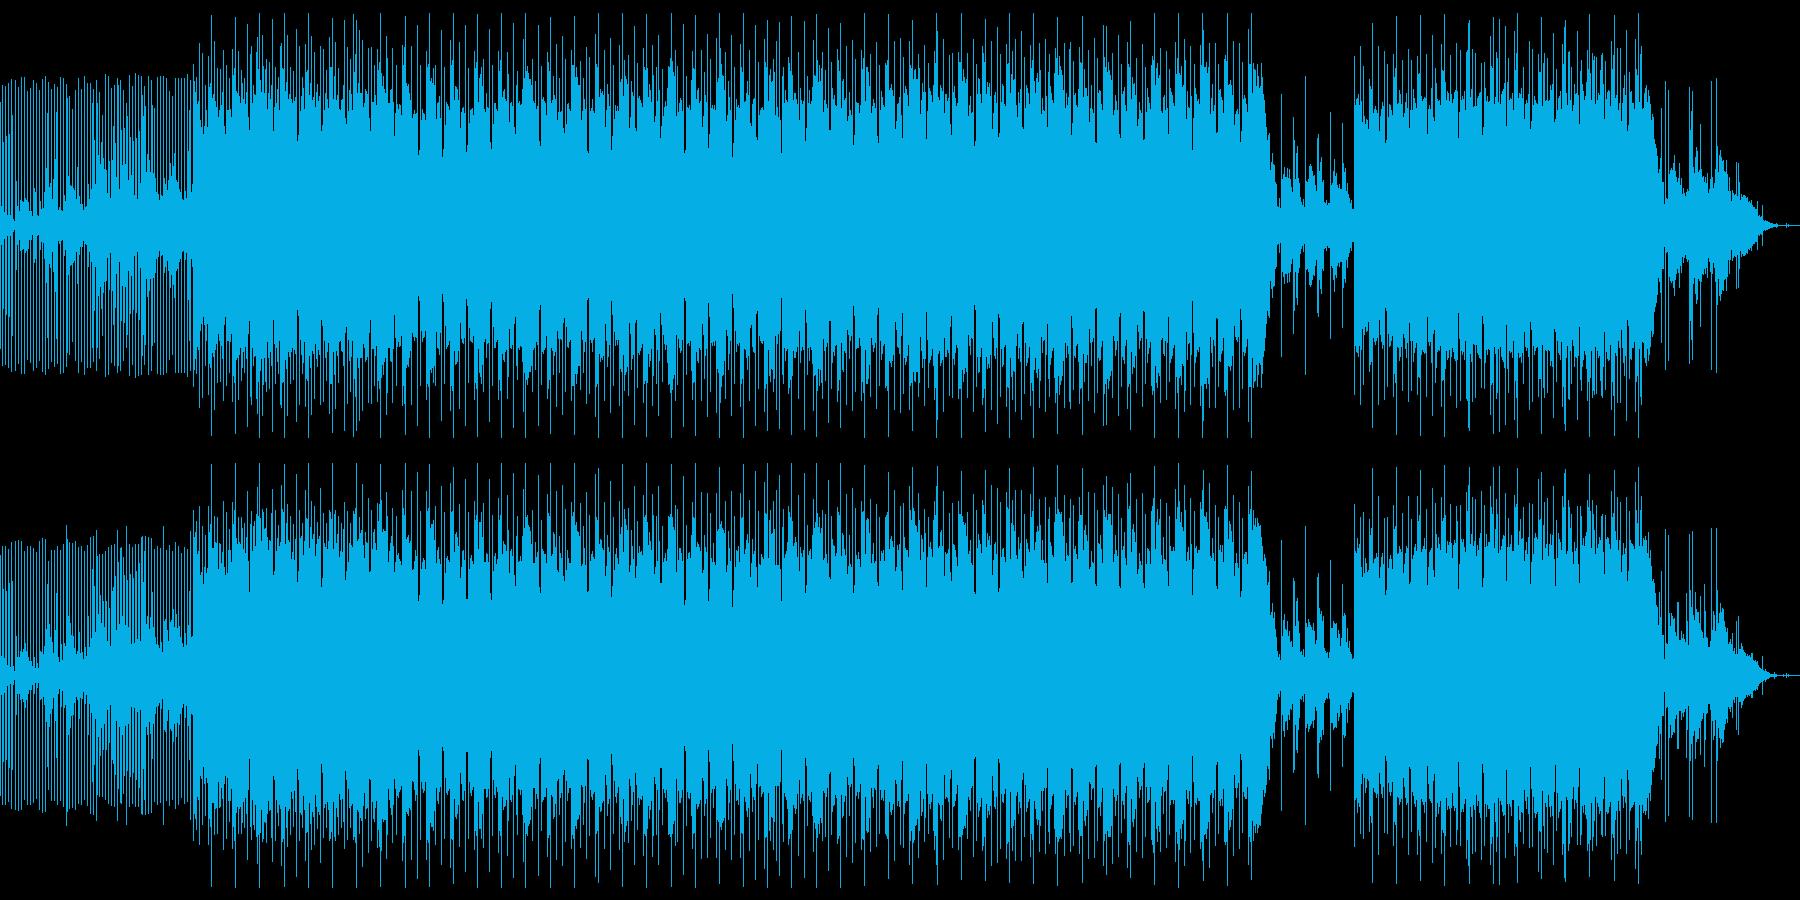 暗いシンプルなトラップ系楽曲の再生済みの波形